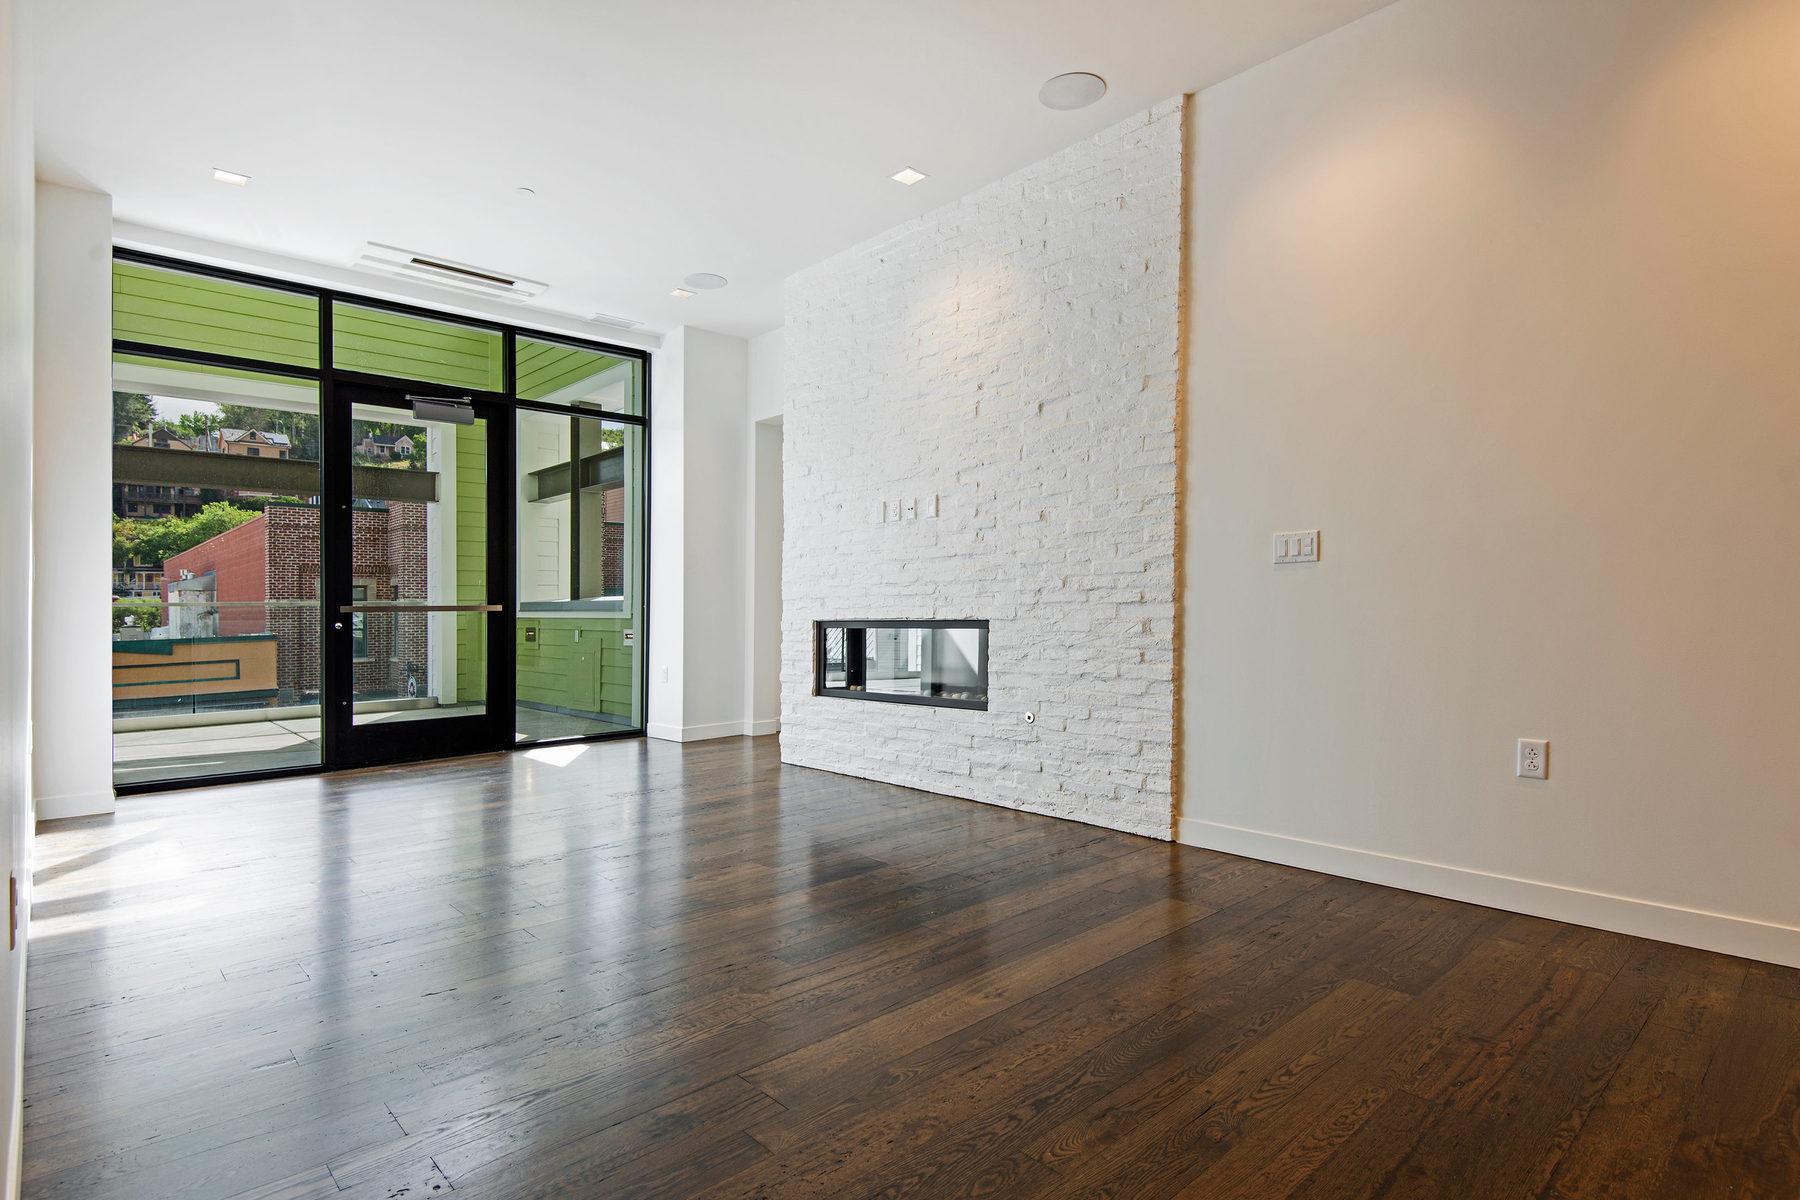 Кооперативная квартира для того Продажа на The Parkite Luxury Condominiums in Park City 333 Main St #22 Park City, Юта 84060 Соединенные Штаты